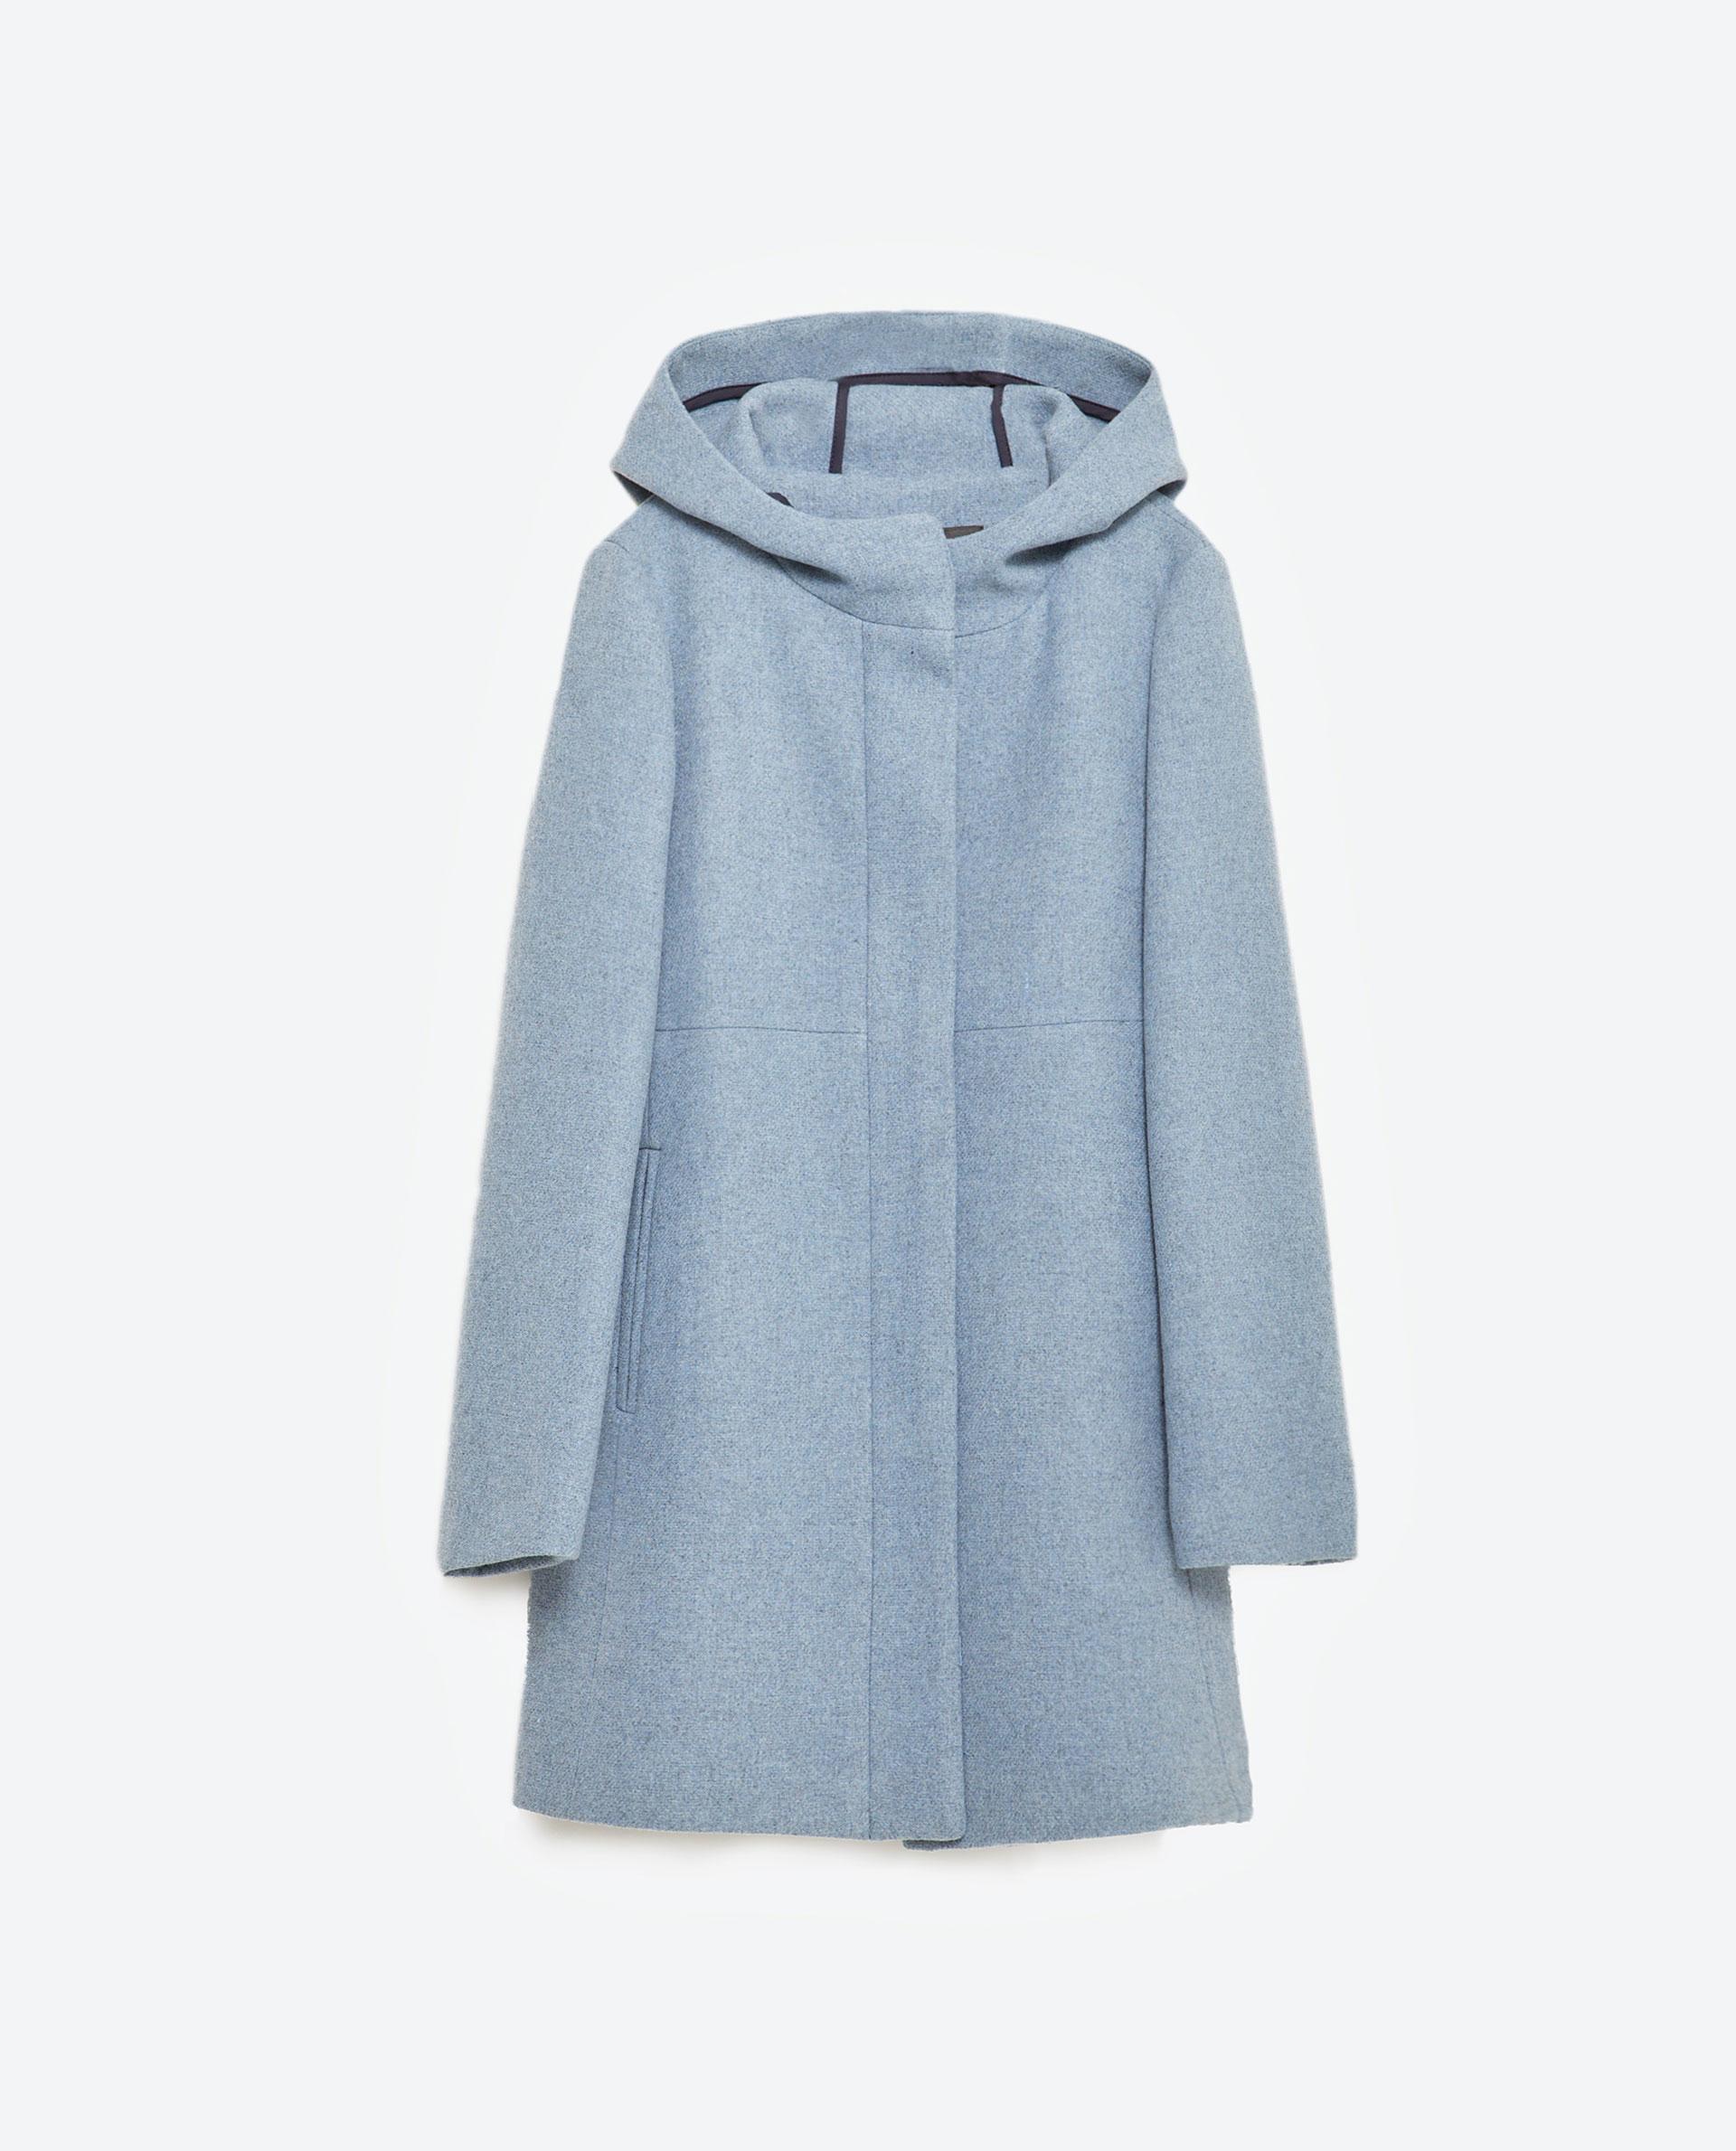 Zara Wool Coat With Hood in Blue | Lyst